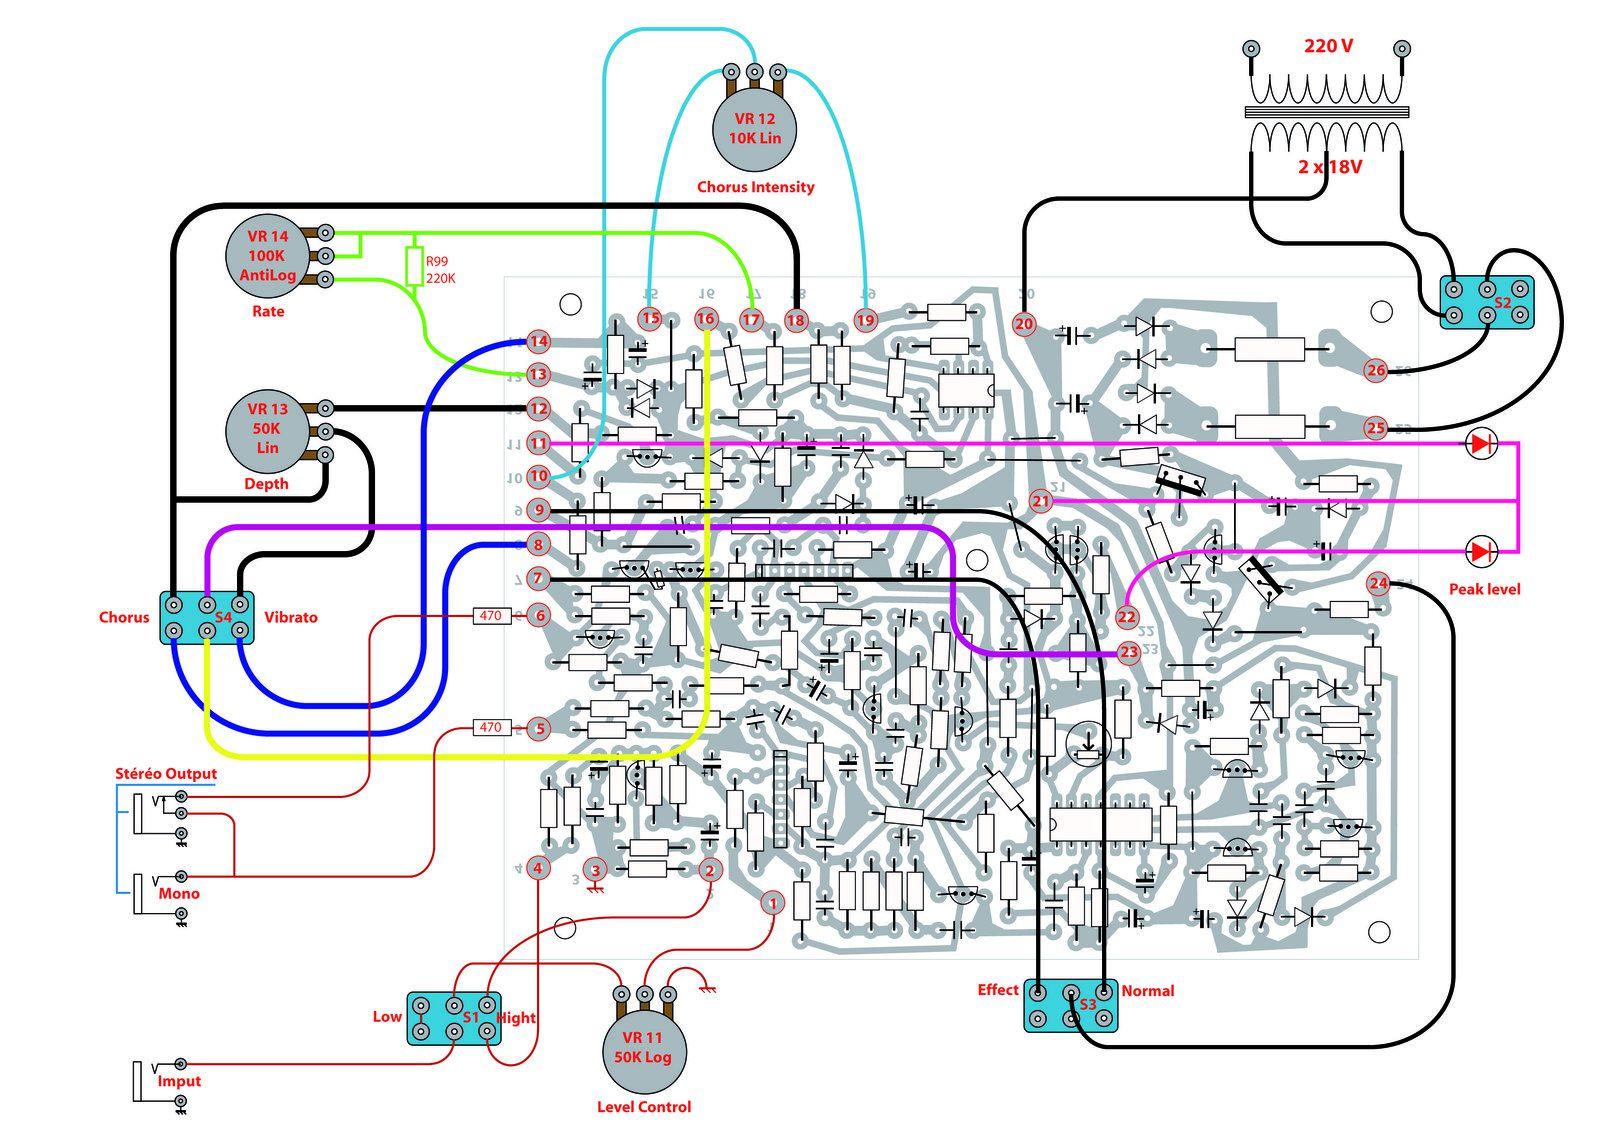 Clonage du chorus BOSS CE-1 et du phaser ROLAND AP-7